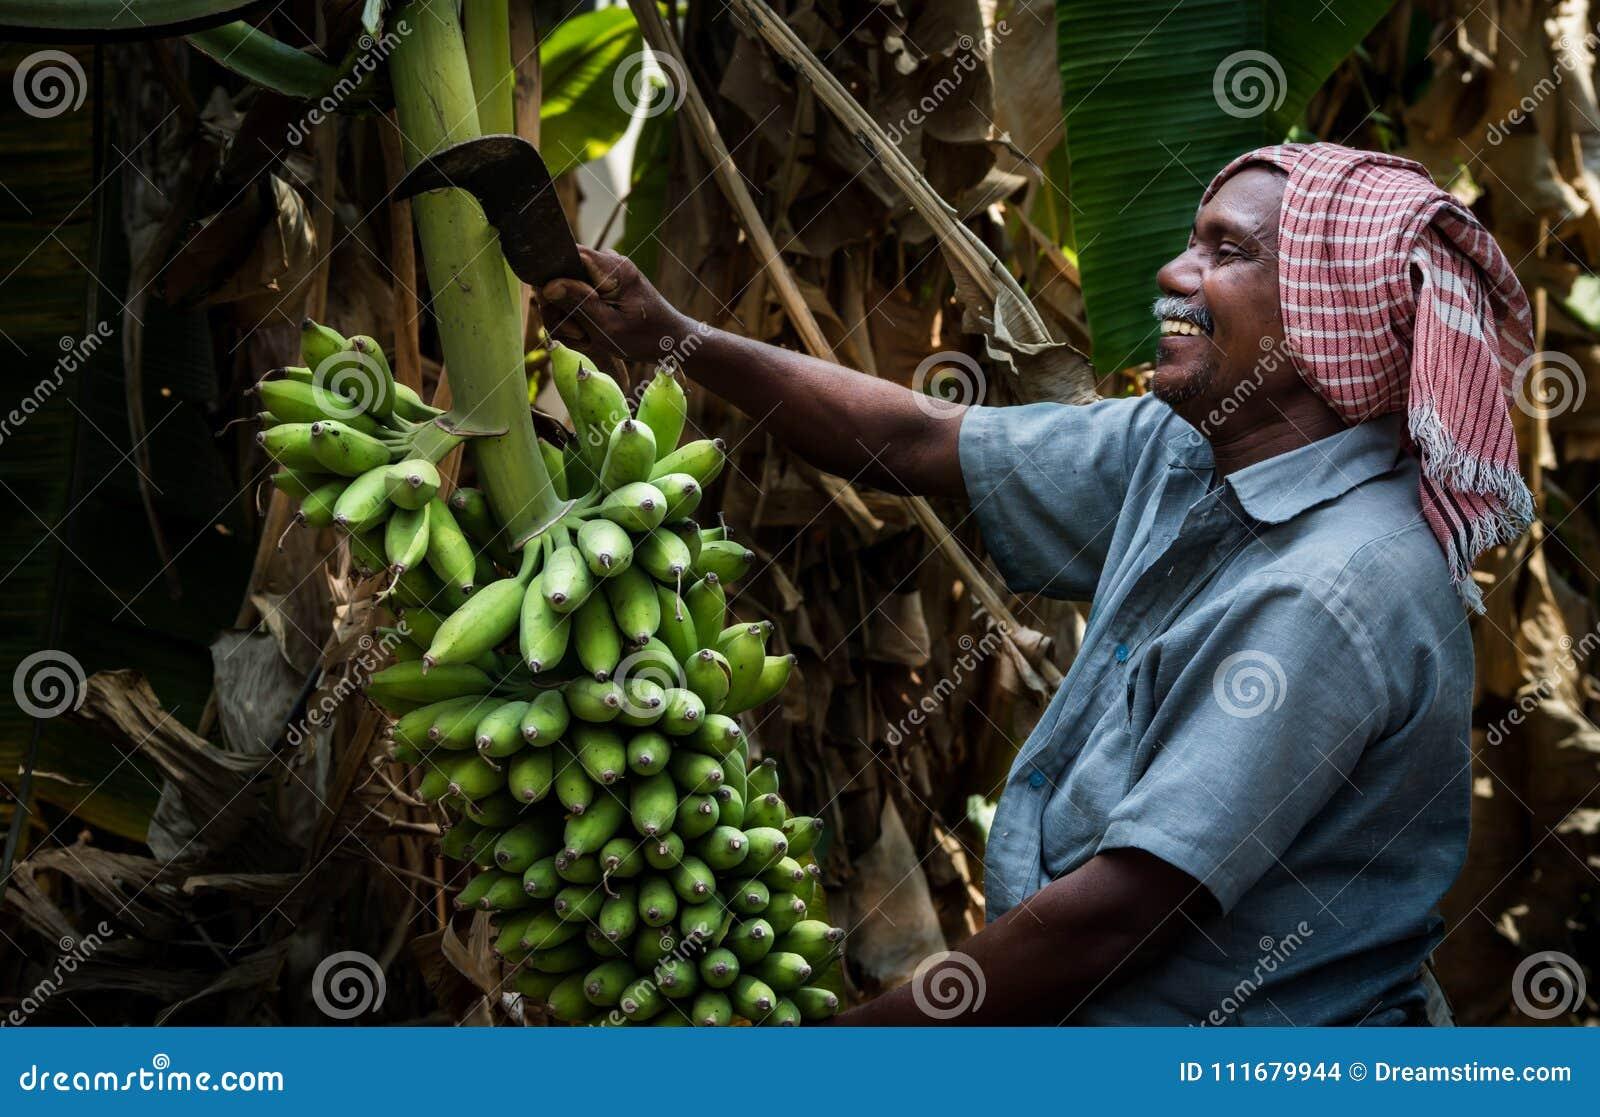 Земледелие бананового дерева в Керале